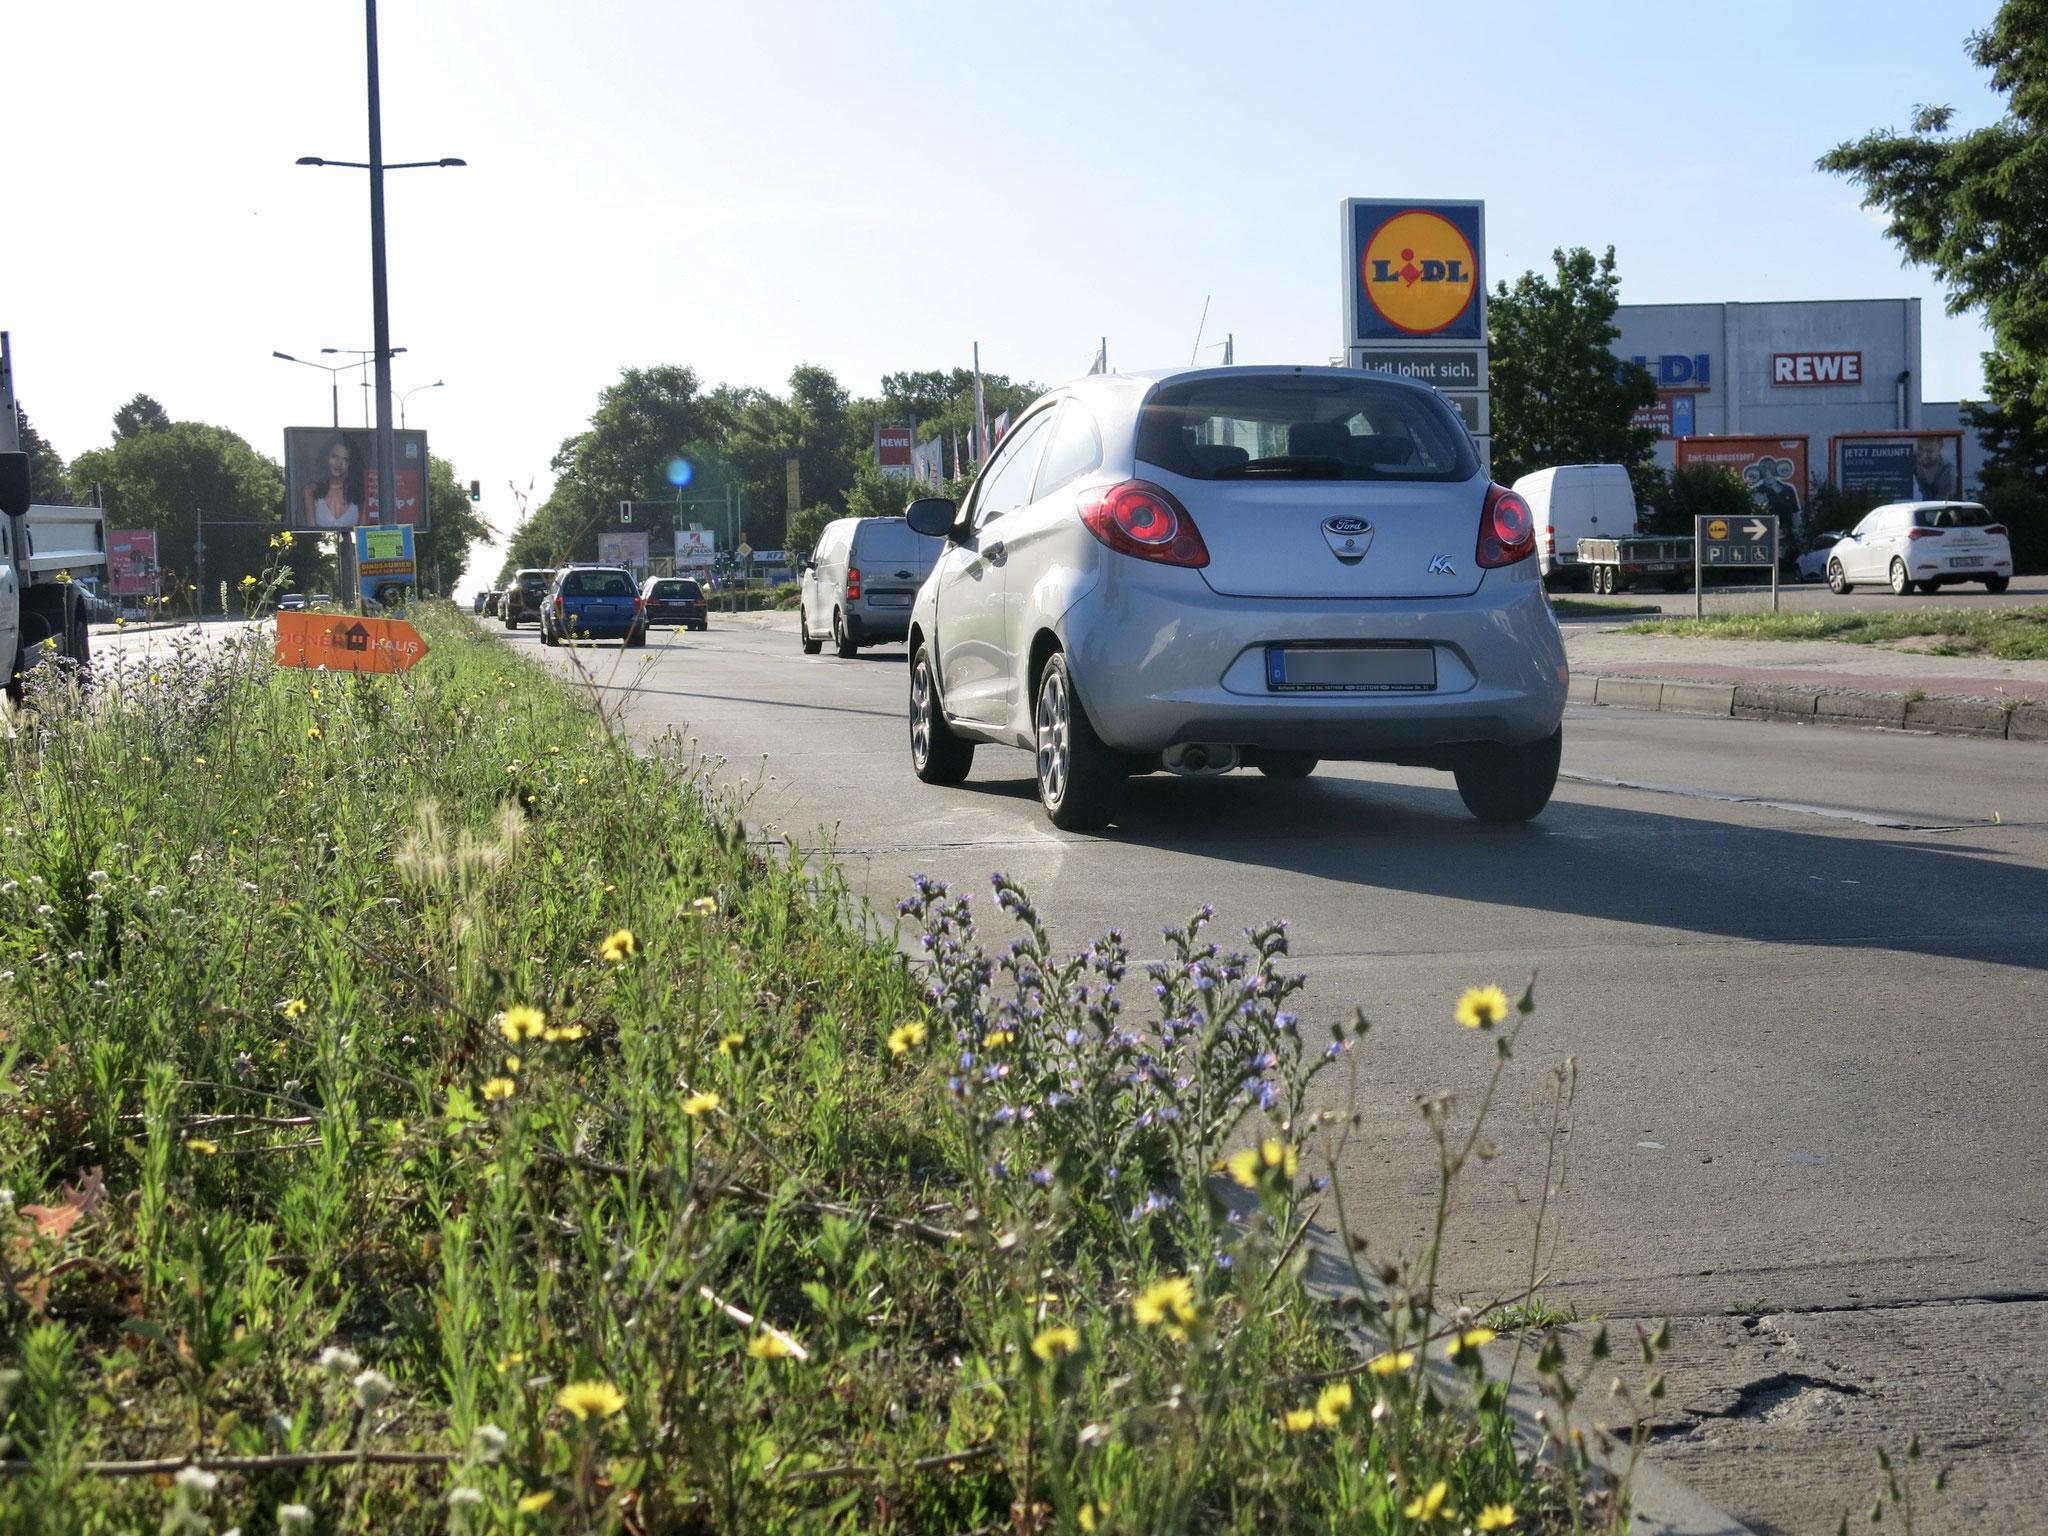 20. Juli bis 30. August. B1/B5 stadtauswärts: Fahrbahnverengung auf eine Spur zwischen Chemnitzer Straße und Myslowitzer Straße